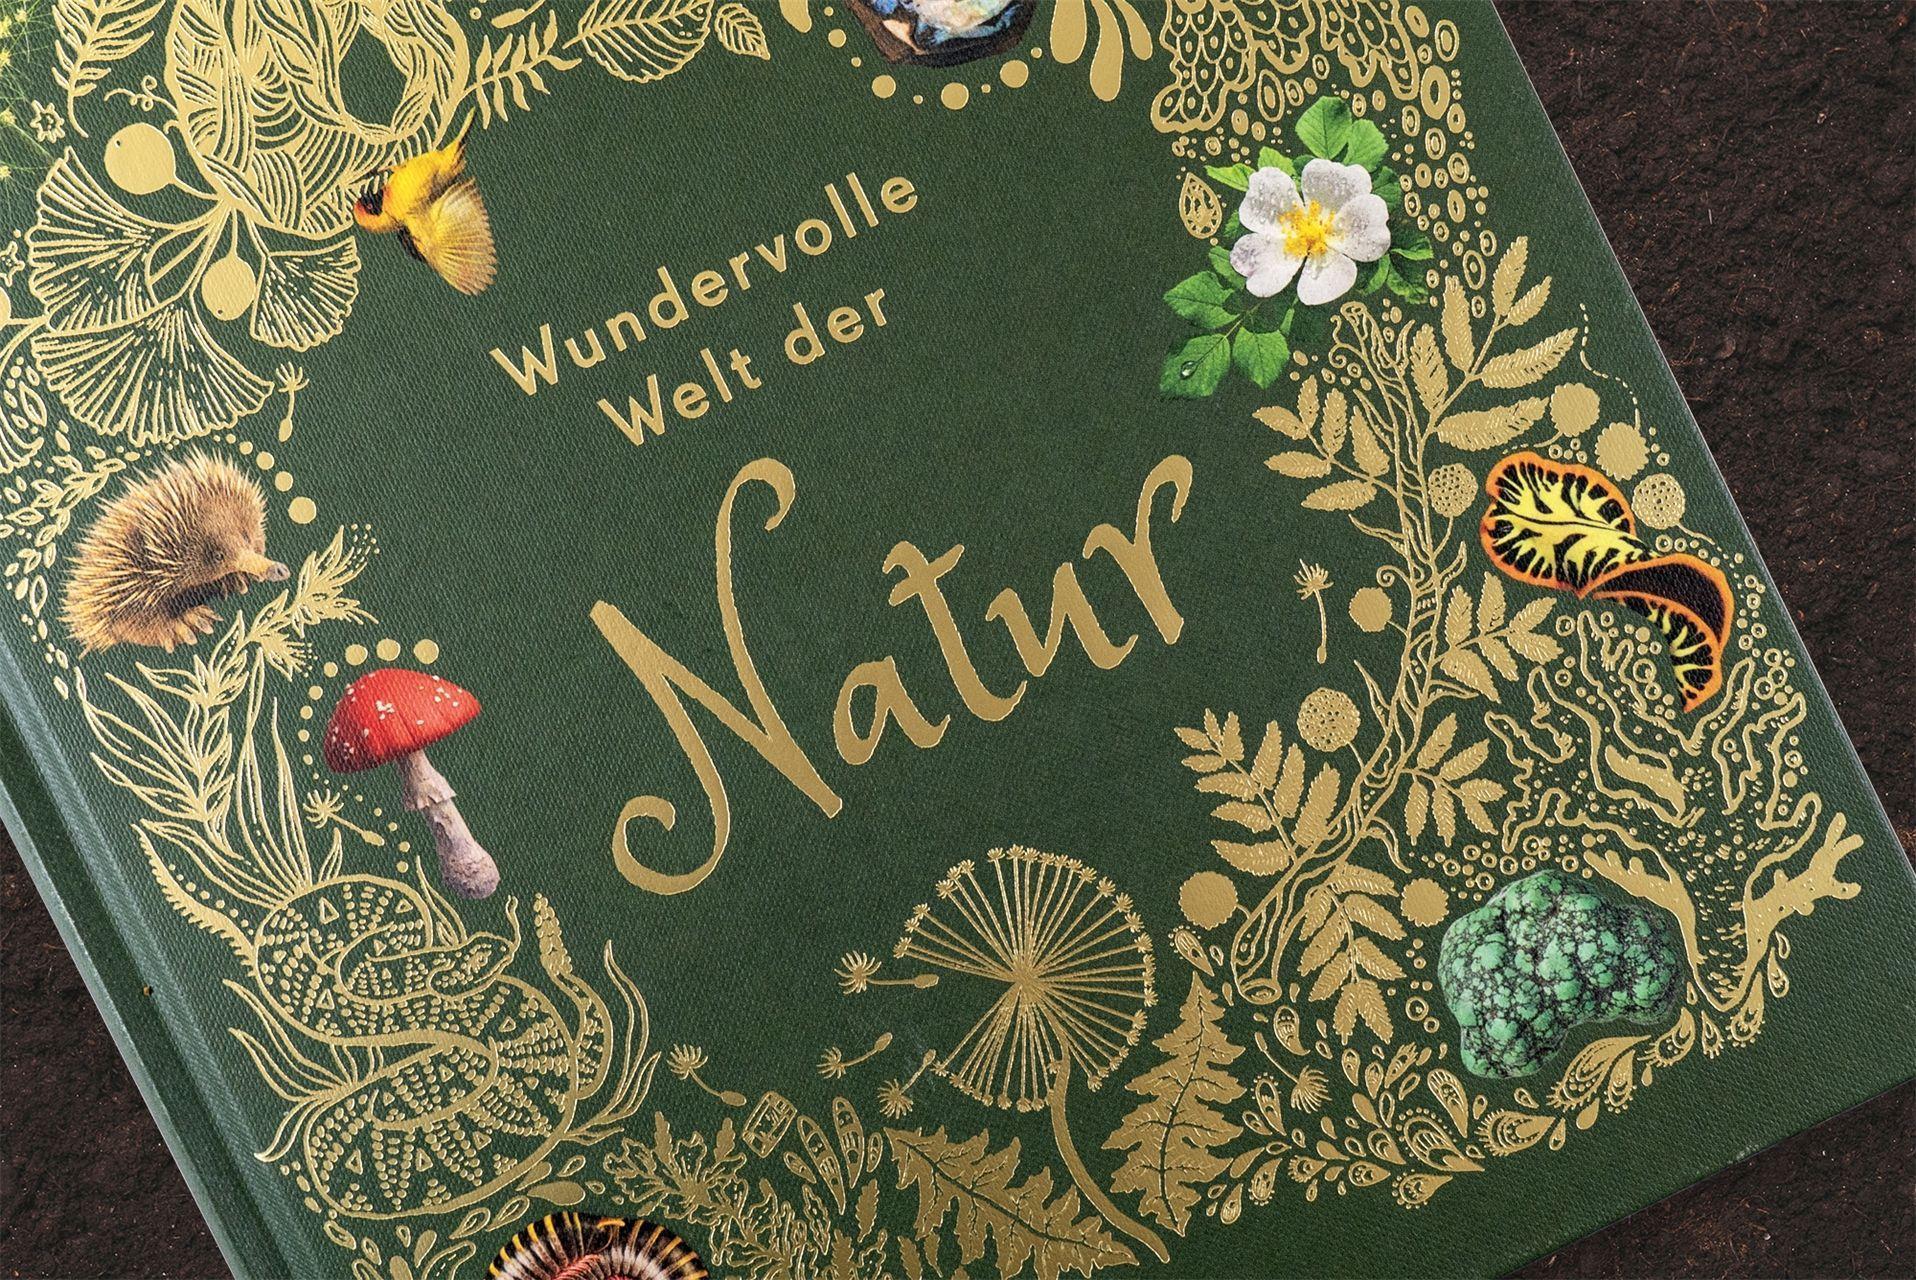 Wundervolle Welt Der Natur Buch Von Ben Hoare Versandkostenfrei Bestellen